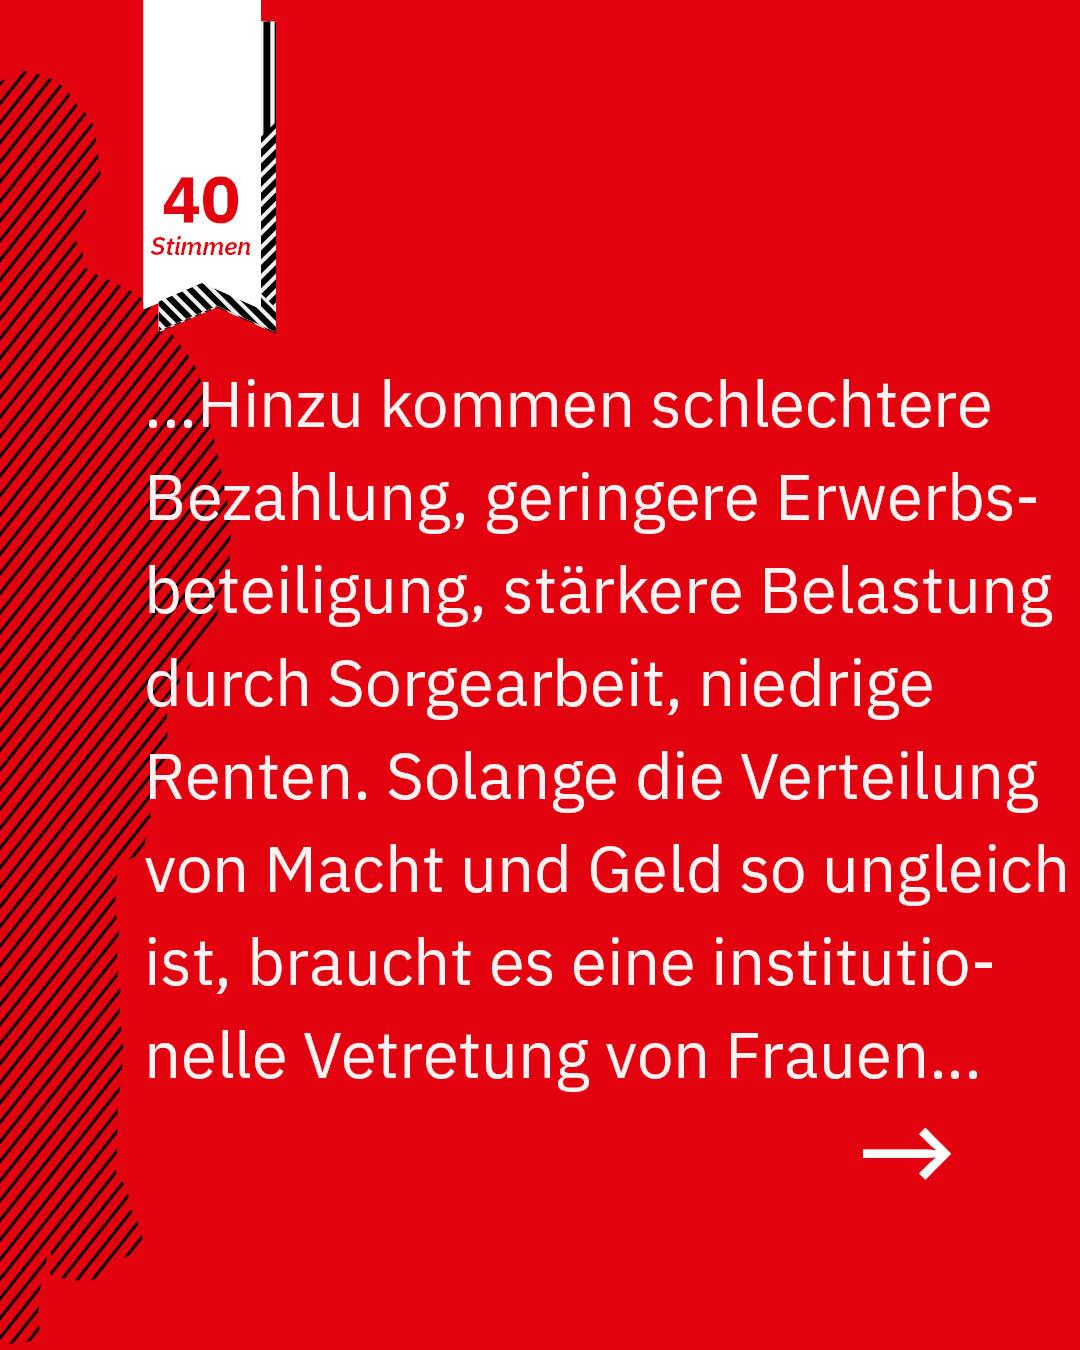 Statement 40 Jahre Gleichberechtigung, Peter Kruse, Präsident Arbeitnehmerkammer Bremen